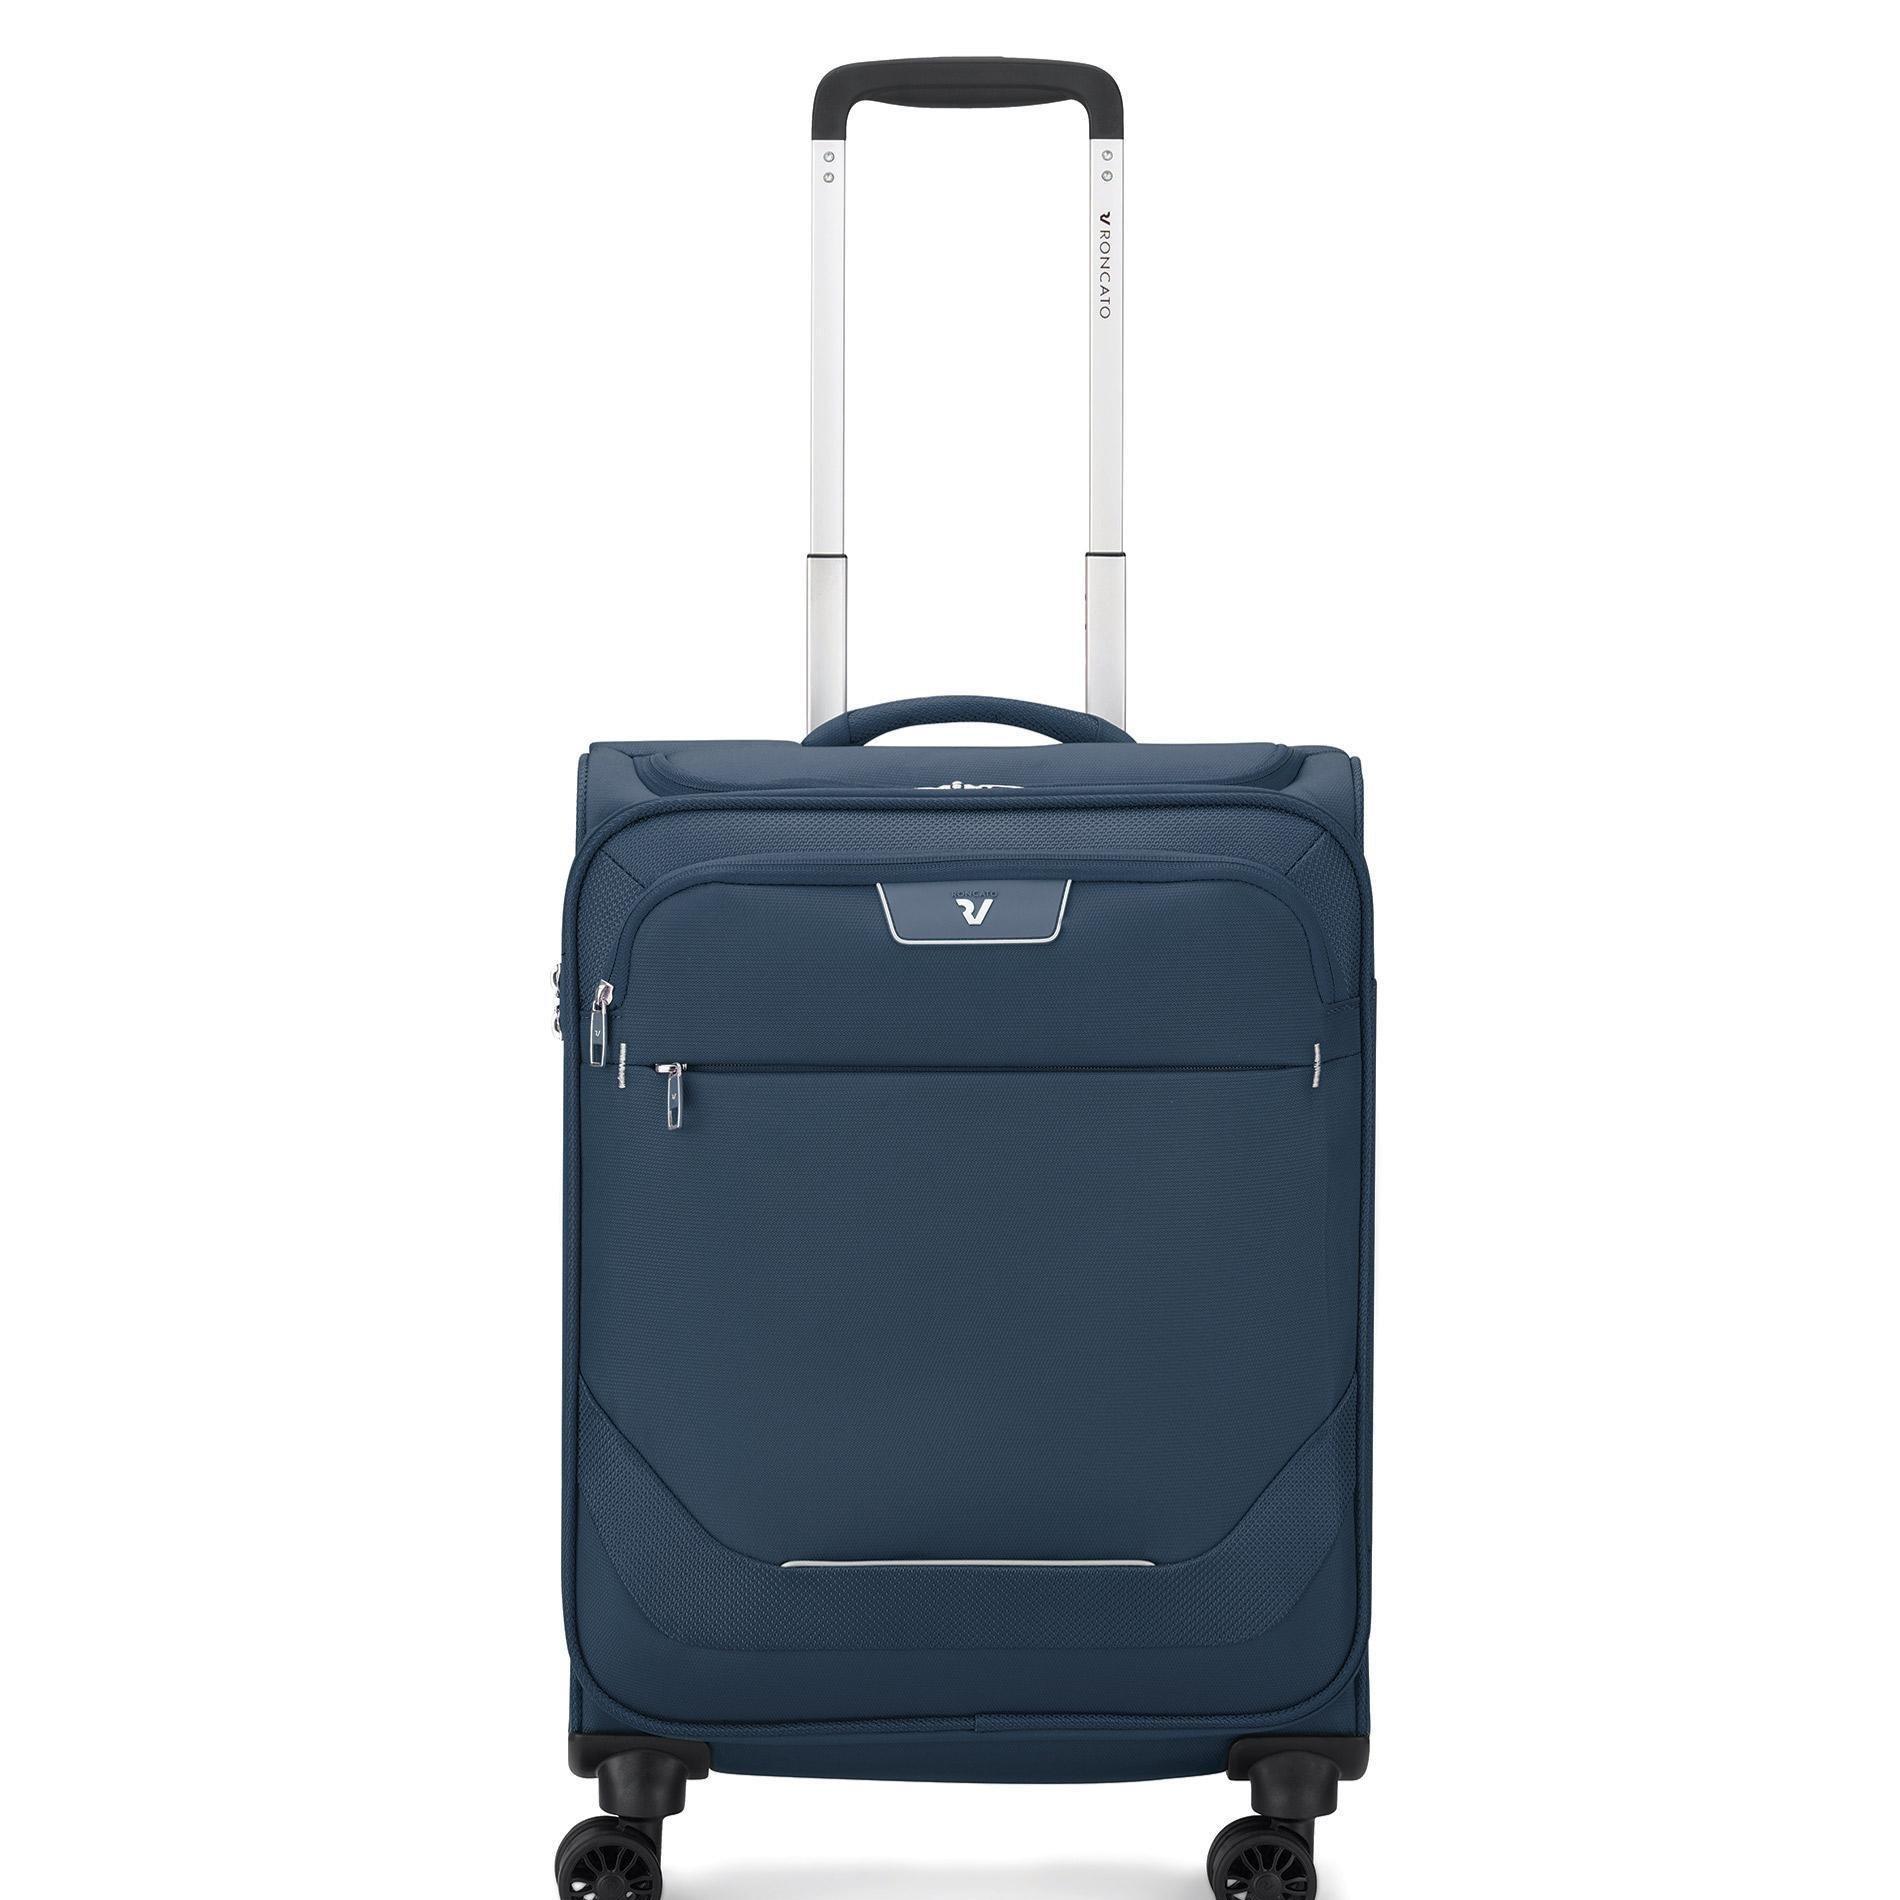 عکس چمدان رونکاتو  مدل جوی سایز کابین سرمه ای  چمدان-رونکاتو-مدل-جوی-سایز-کابین-سرمه-ای